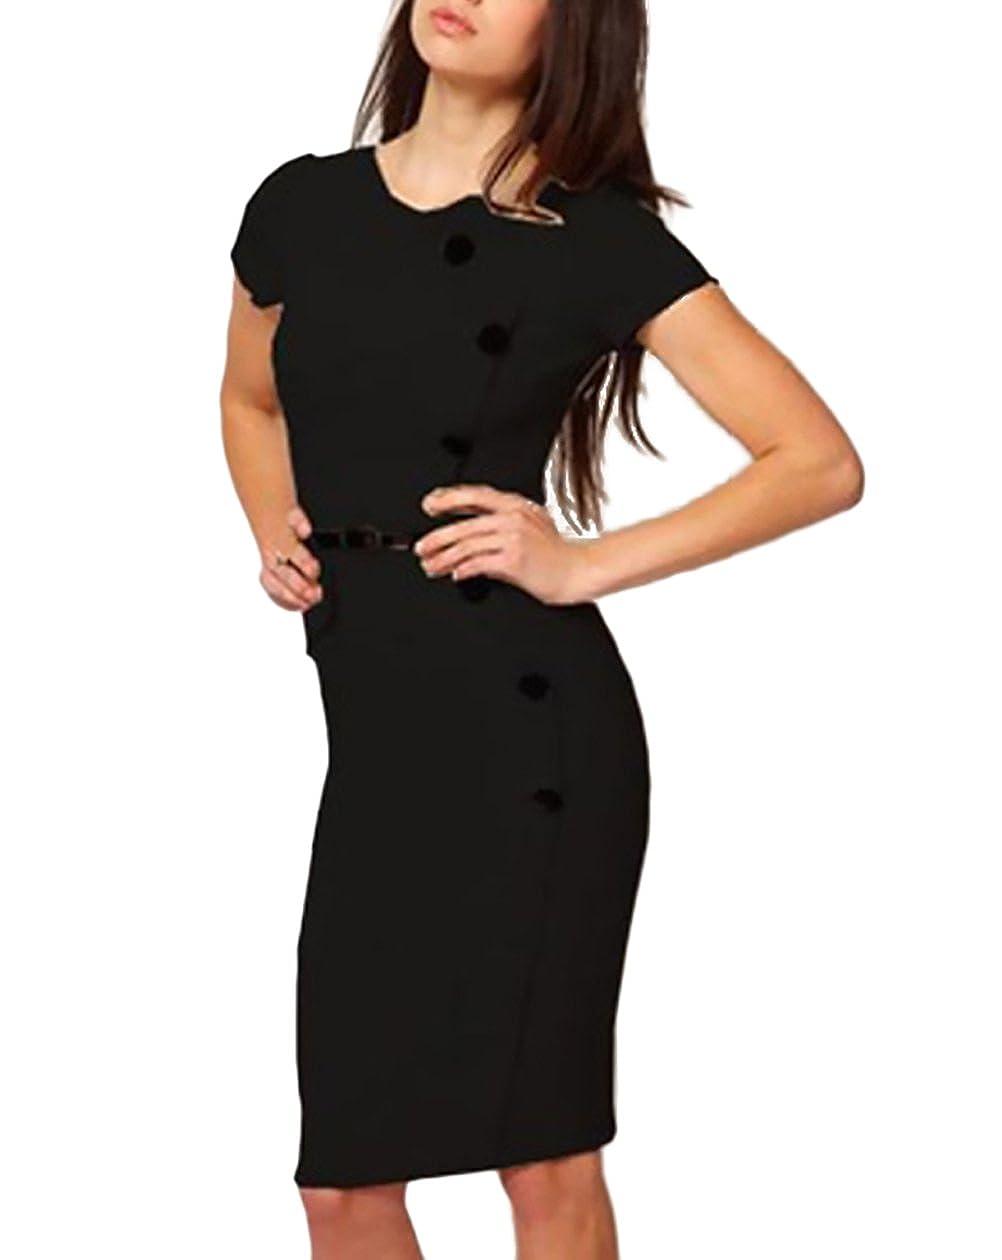 Kleider Damen Sommer Elegante Kurzarm Rundhals Midikleid Bleistiftkleid Unifarben Button Mädchen Kleidung Mode Slim Fit Partykleider